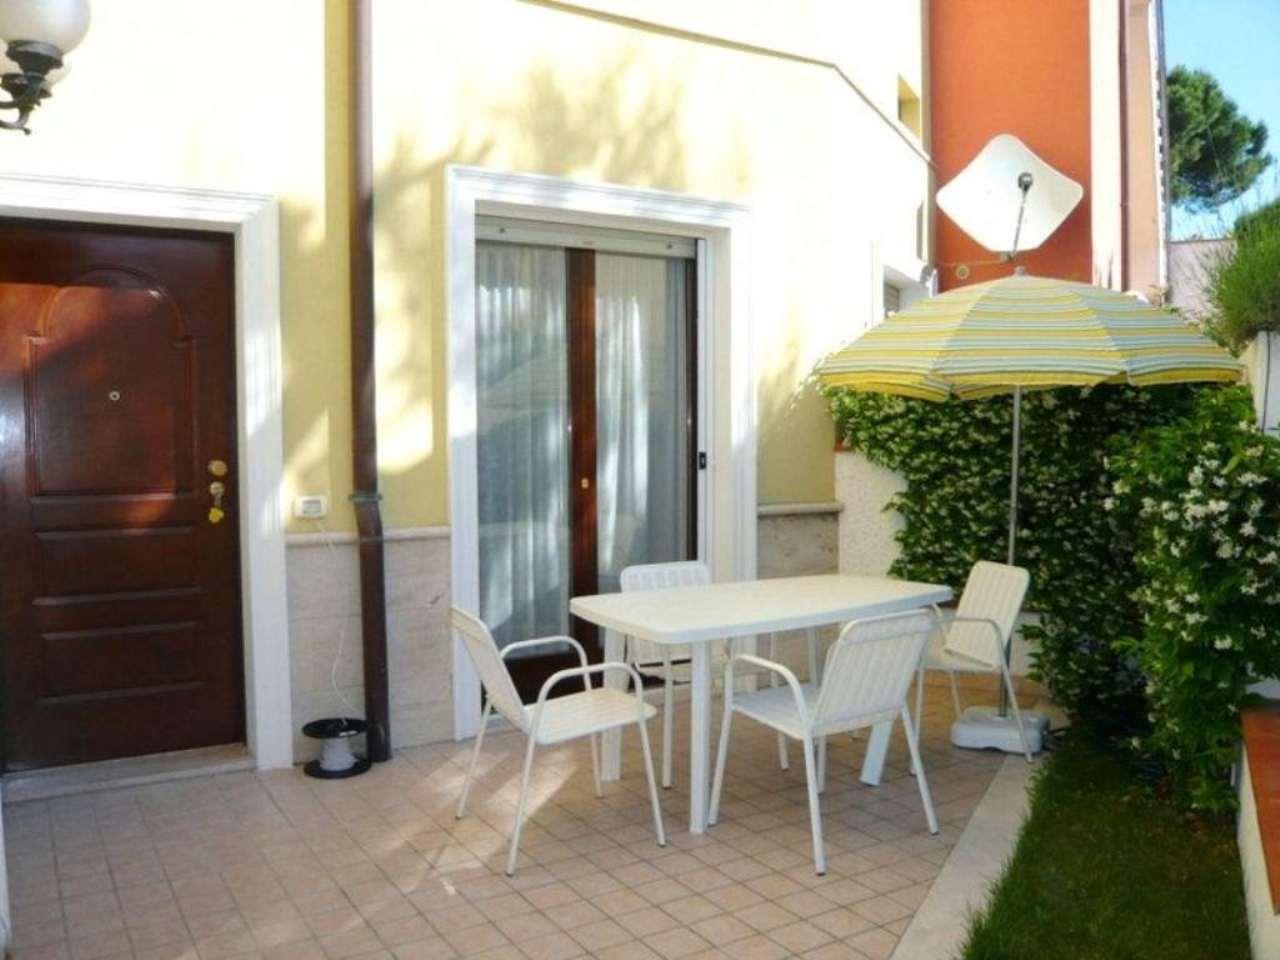 Appartamento in vendita a Numana, 2 locali, prezzo € 130.000 | Cambio Casa.it